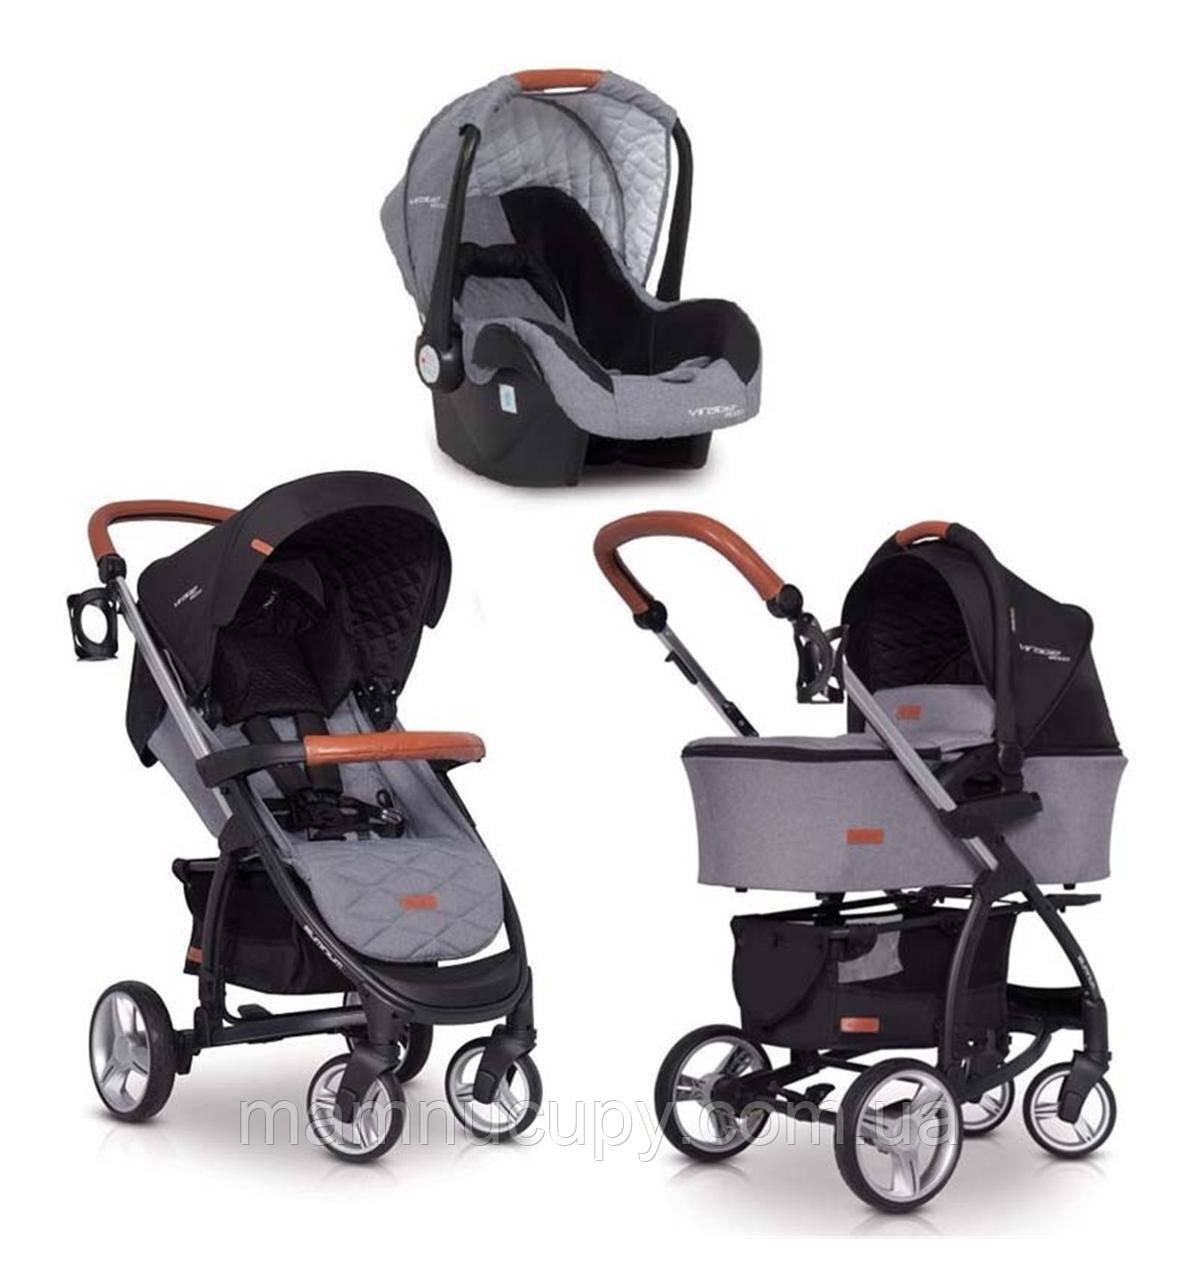 Детская универсальная коляска 3 в 1 EasyGo Virage Ecco Antracite